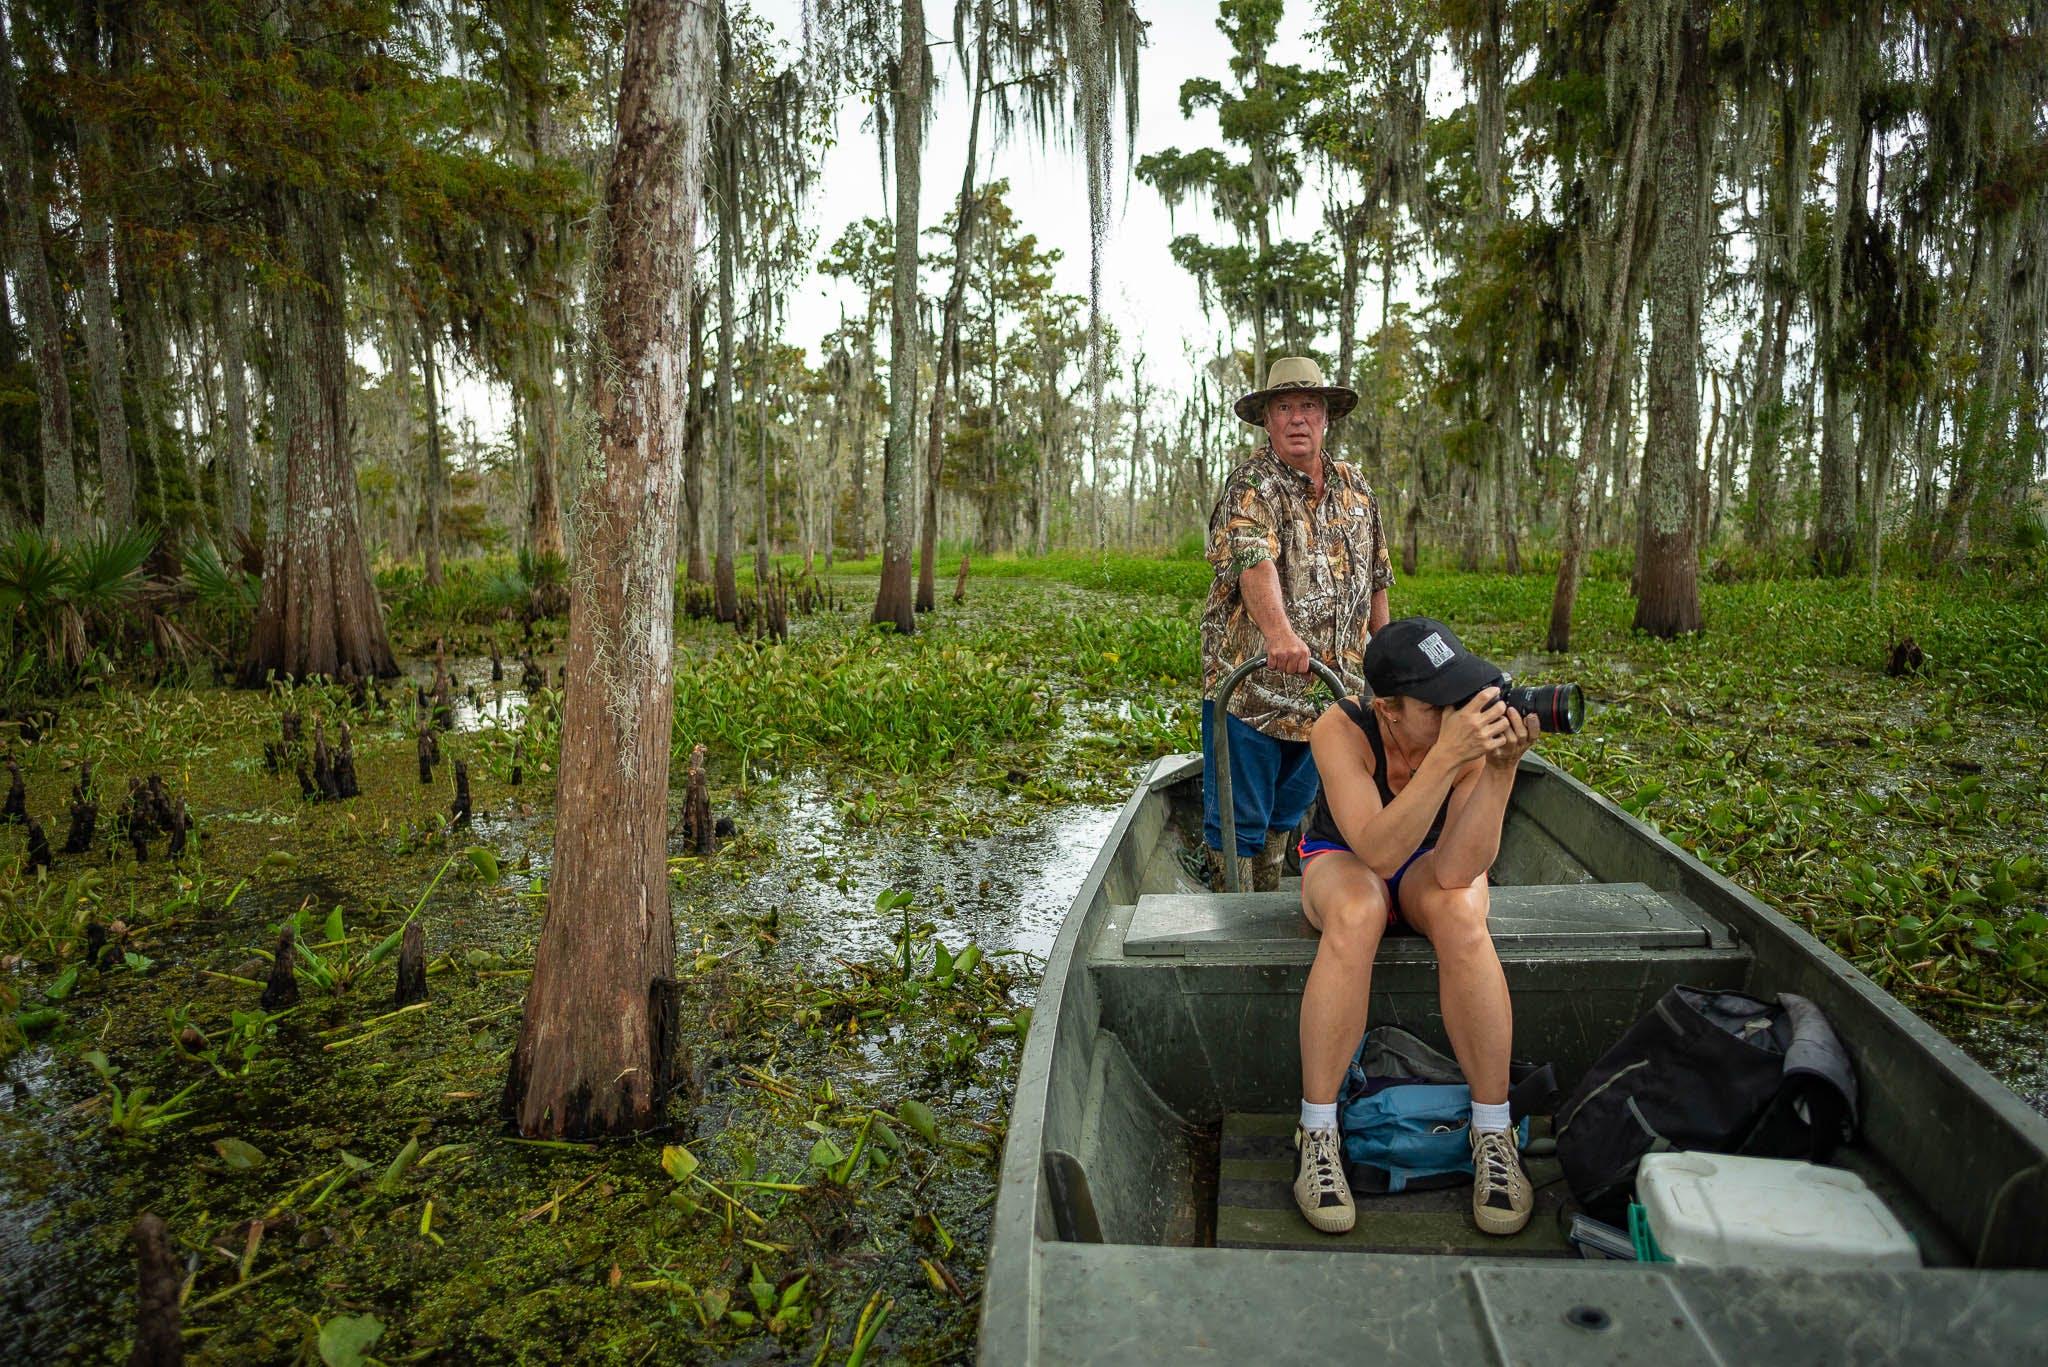 photo swamp tour, swamp landscape photography tour, swamp photography